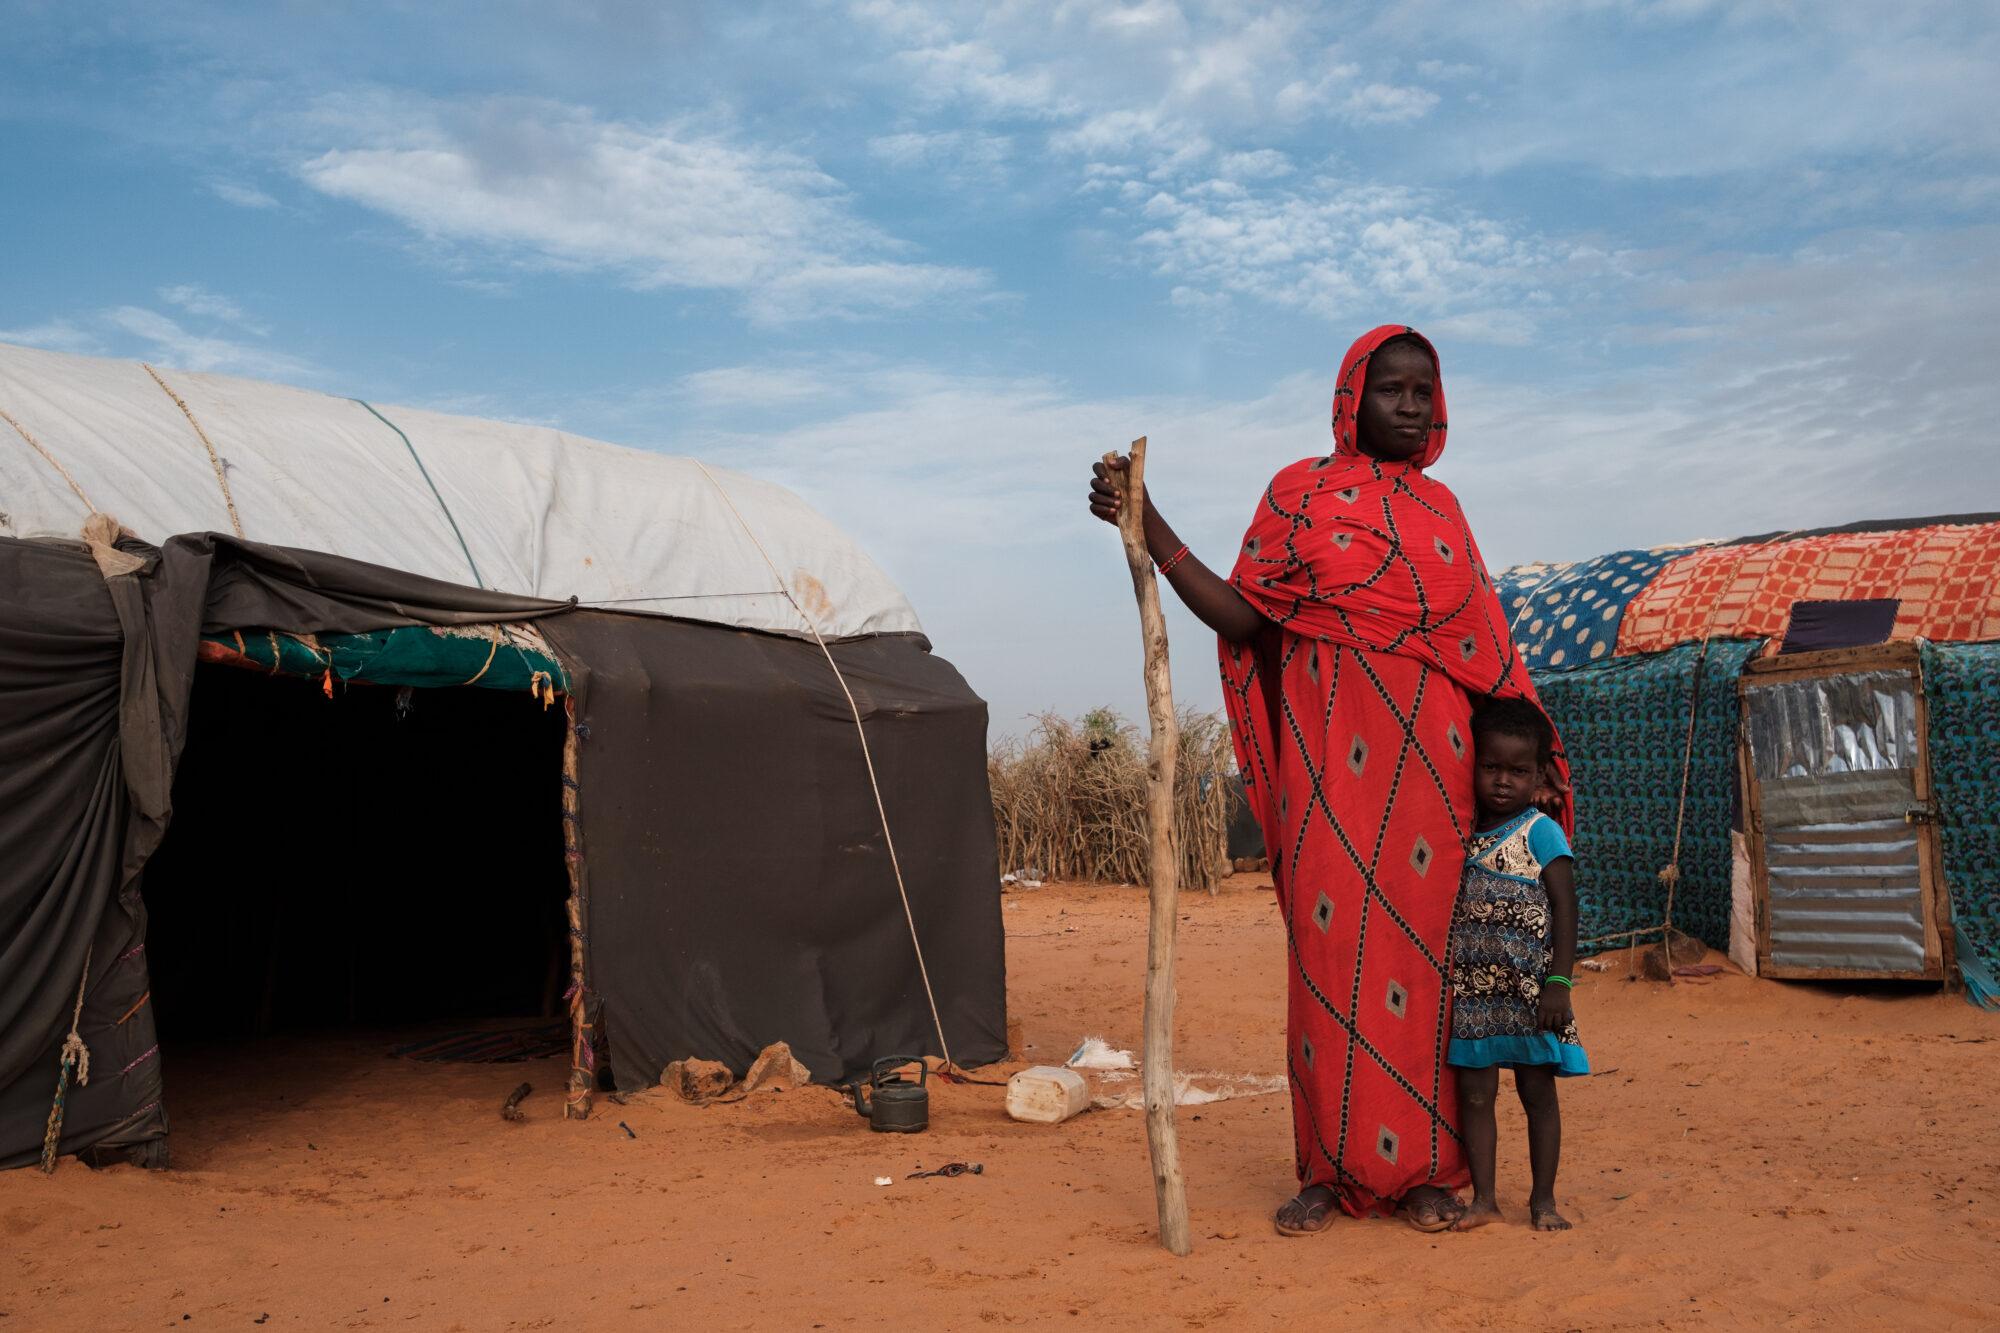 Nainen ja lapsi seisovat kotinsa edessä pakolaisleirillä.